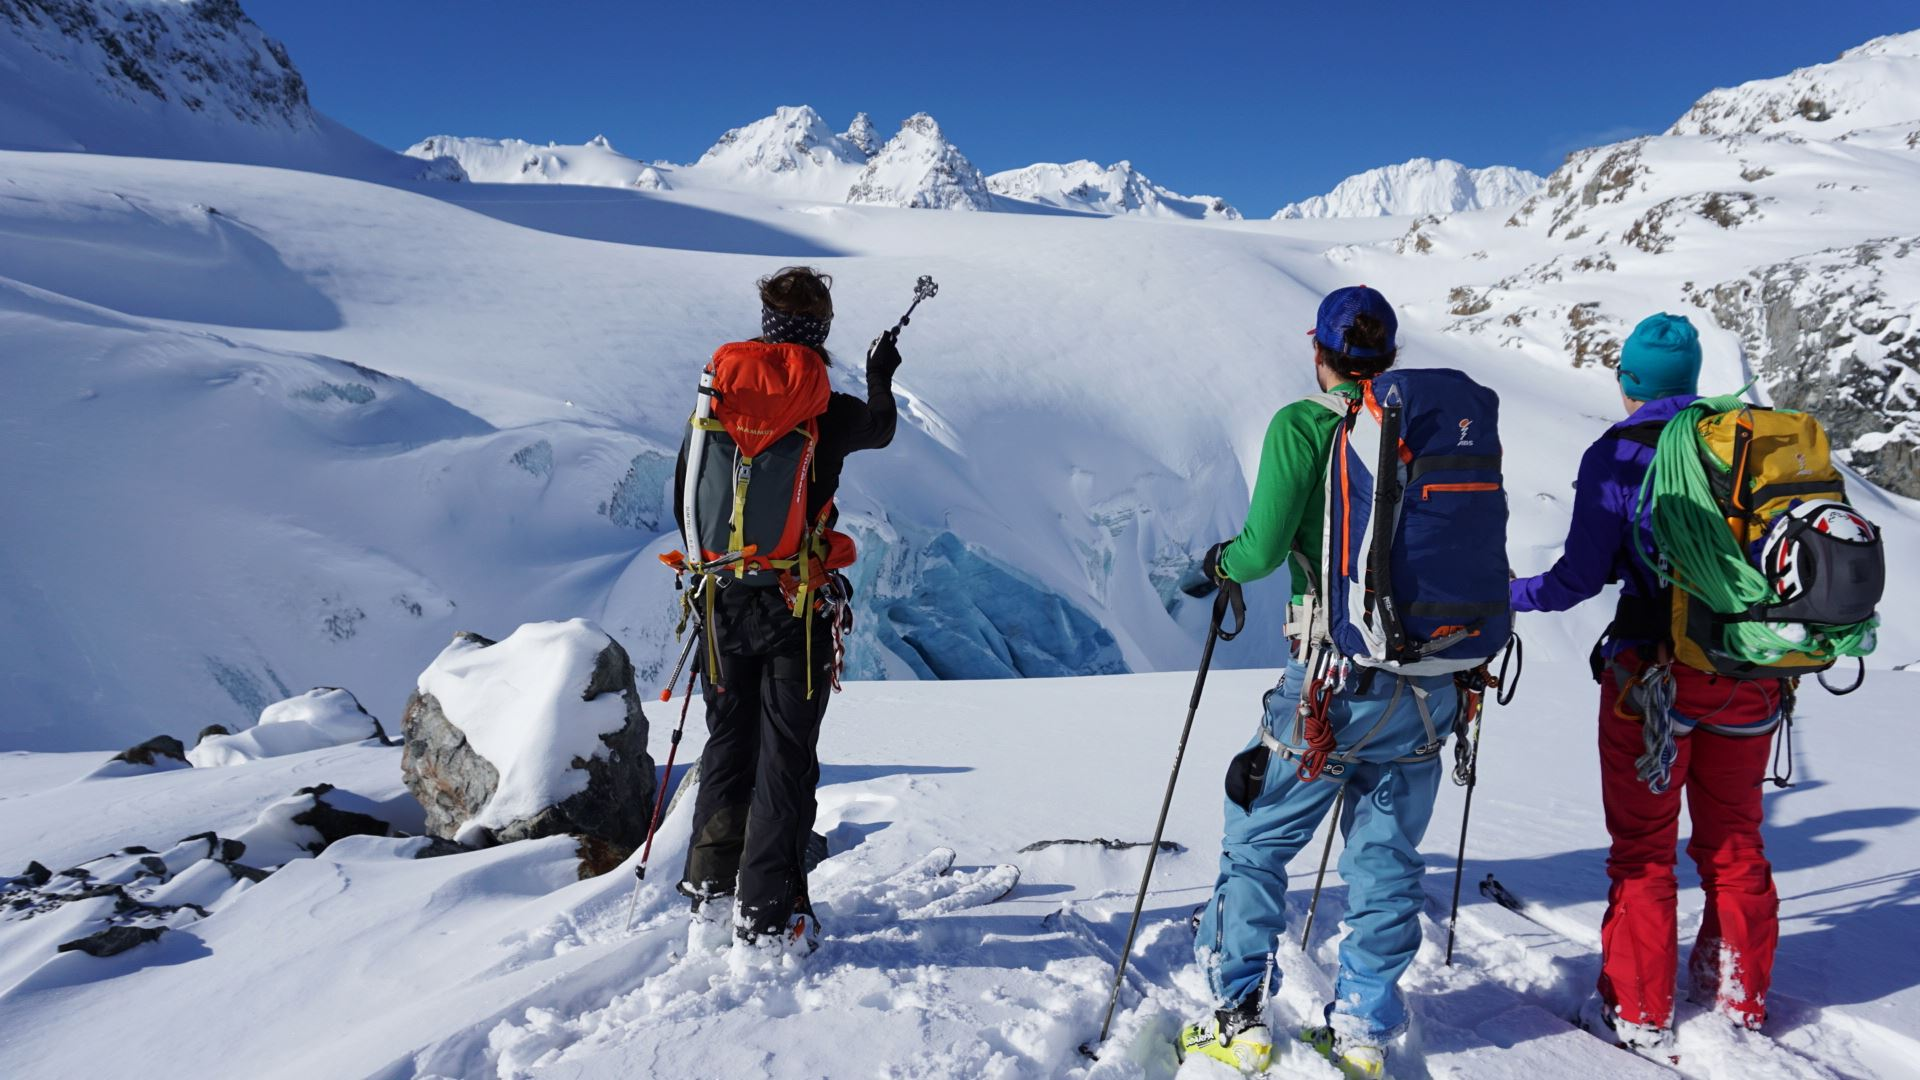 © Lyngen Adventure, Skitouring in Lyngen